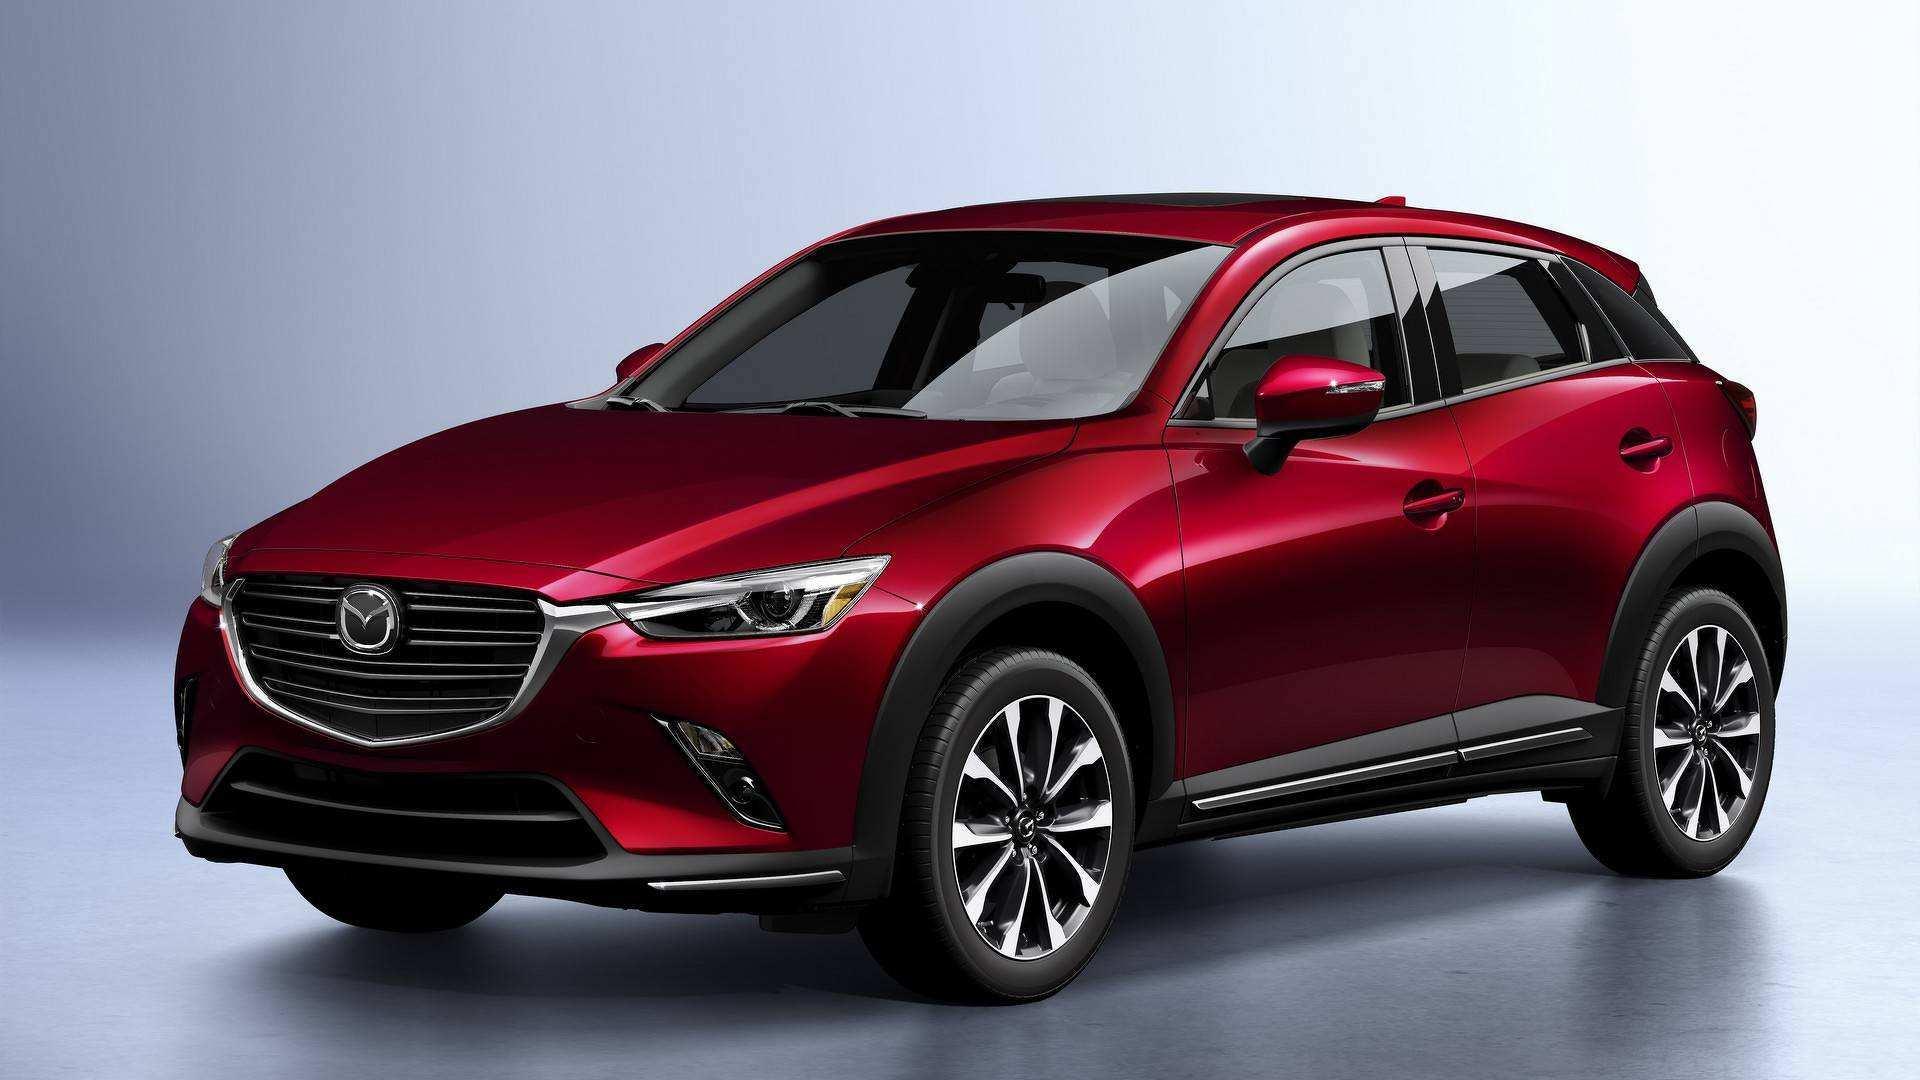 40 Concept of New Precio Cx3 Mazda 2019 Rumors Pricing by New Precio Cx3 Mazda 2019 Rumors